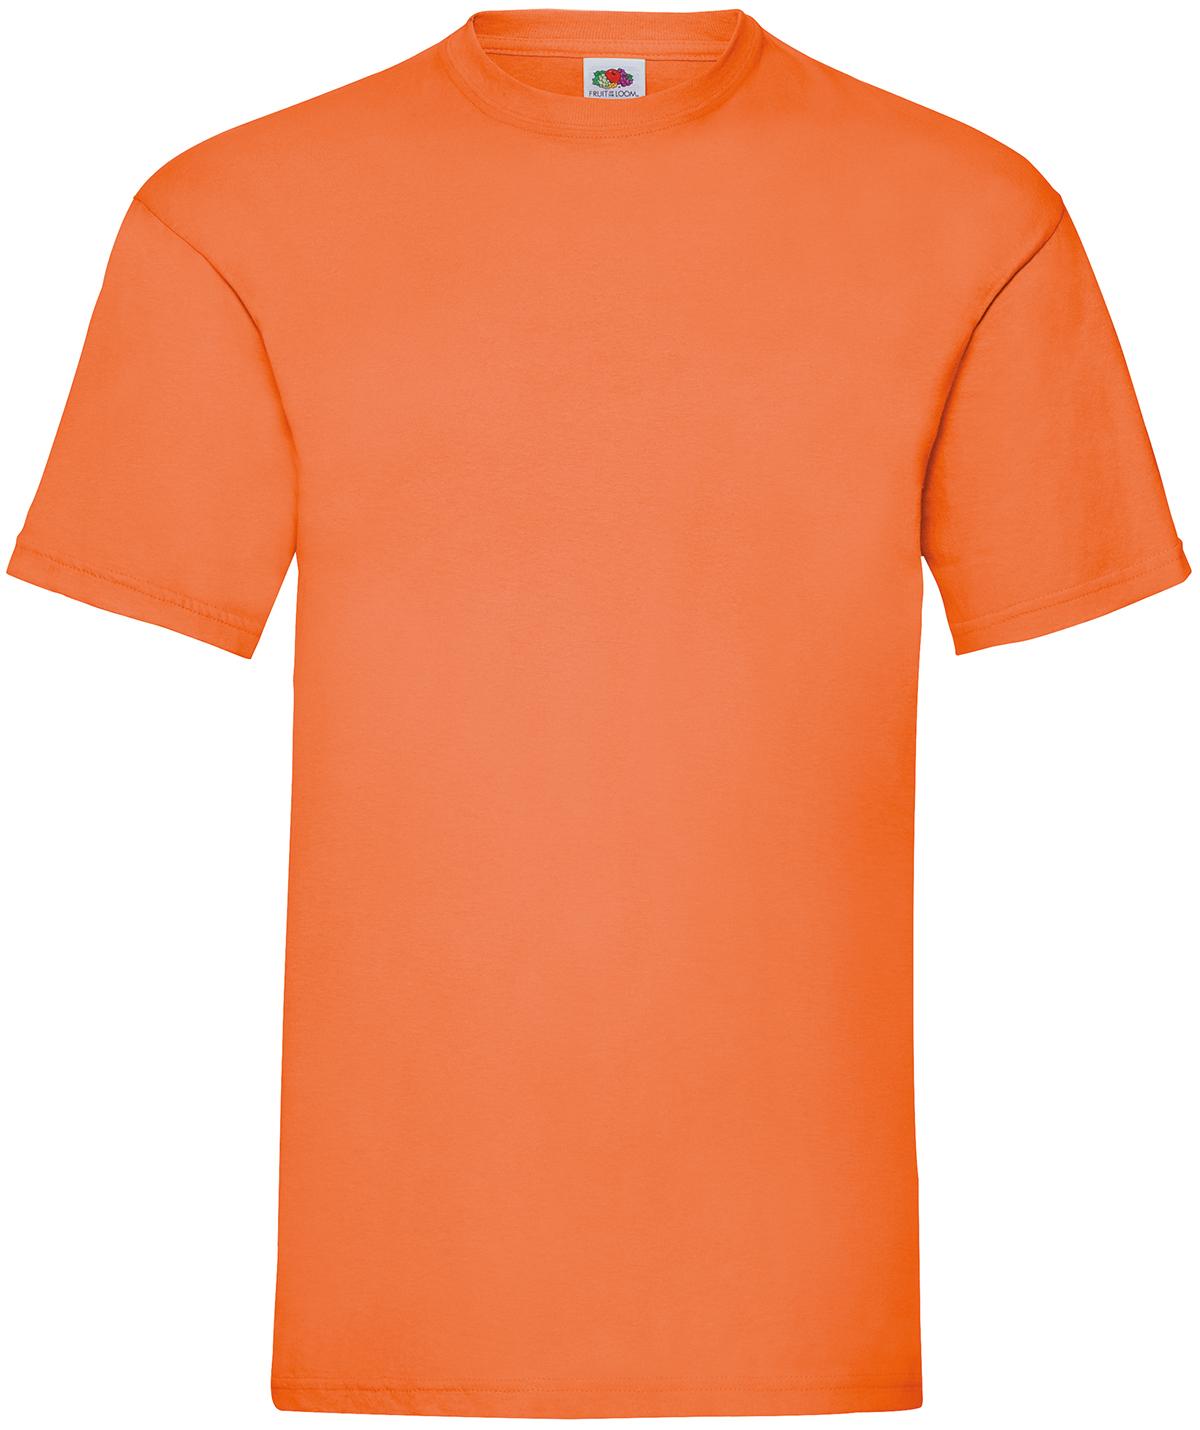 Indexbild 23 - Fruit of the Loom UNISEX T-Shirt Bestseller Top Angebot Herren Damen NEU